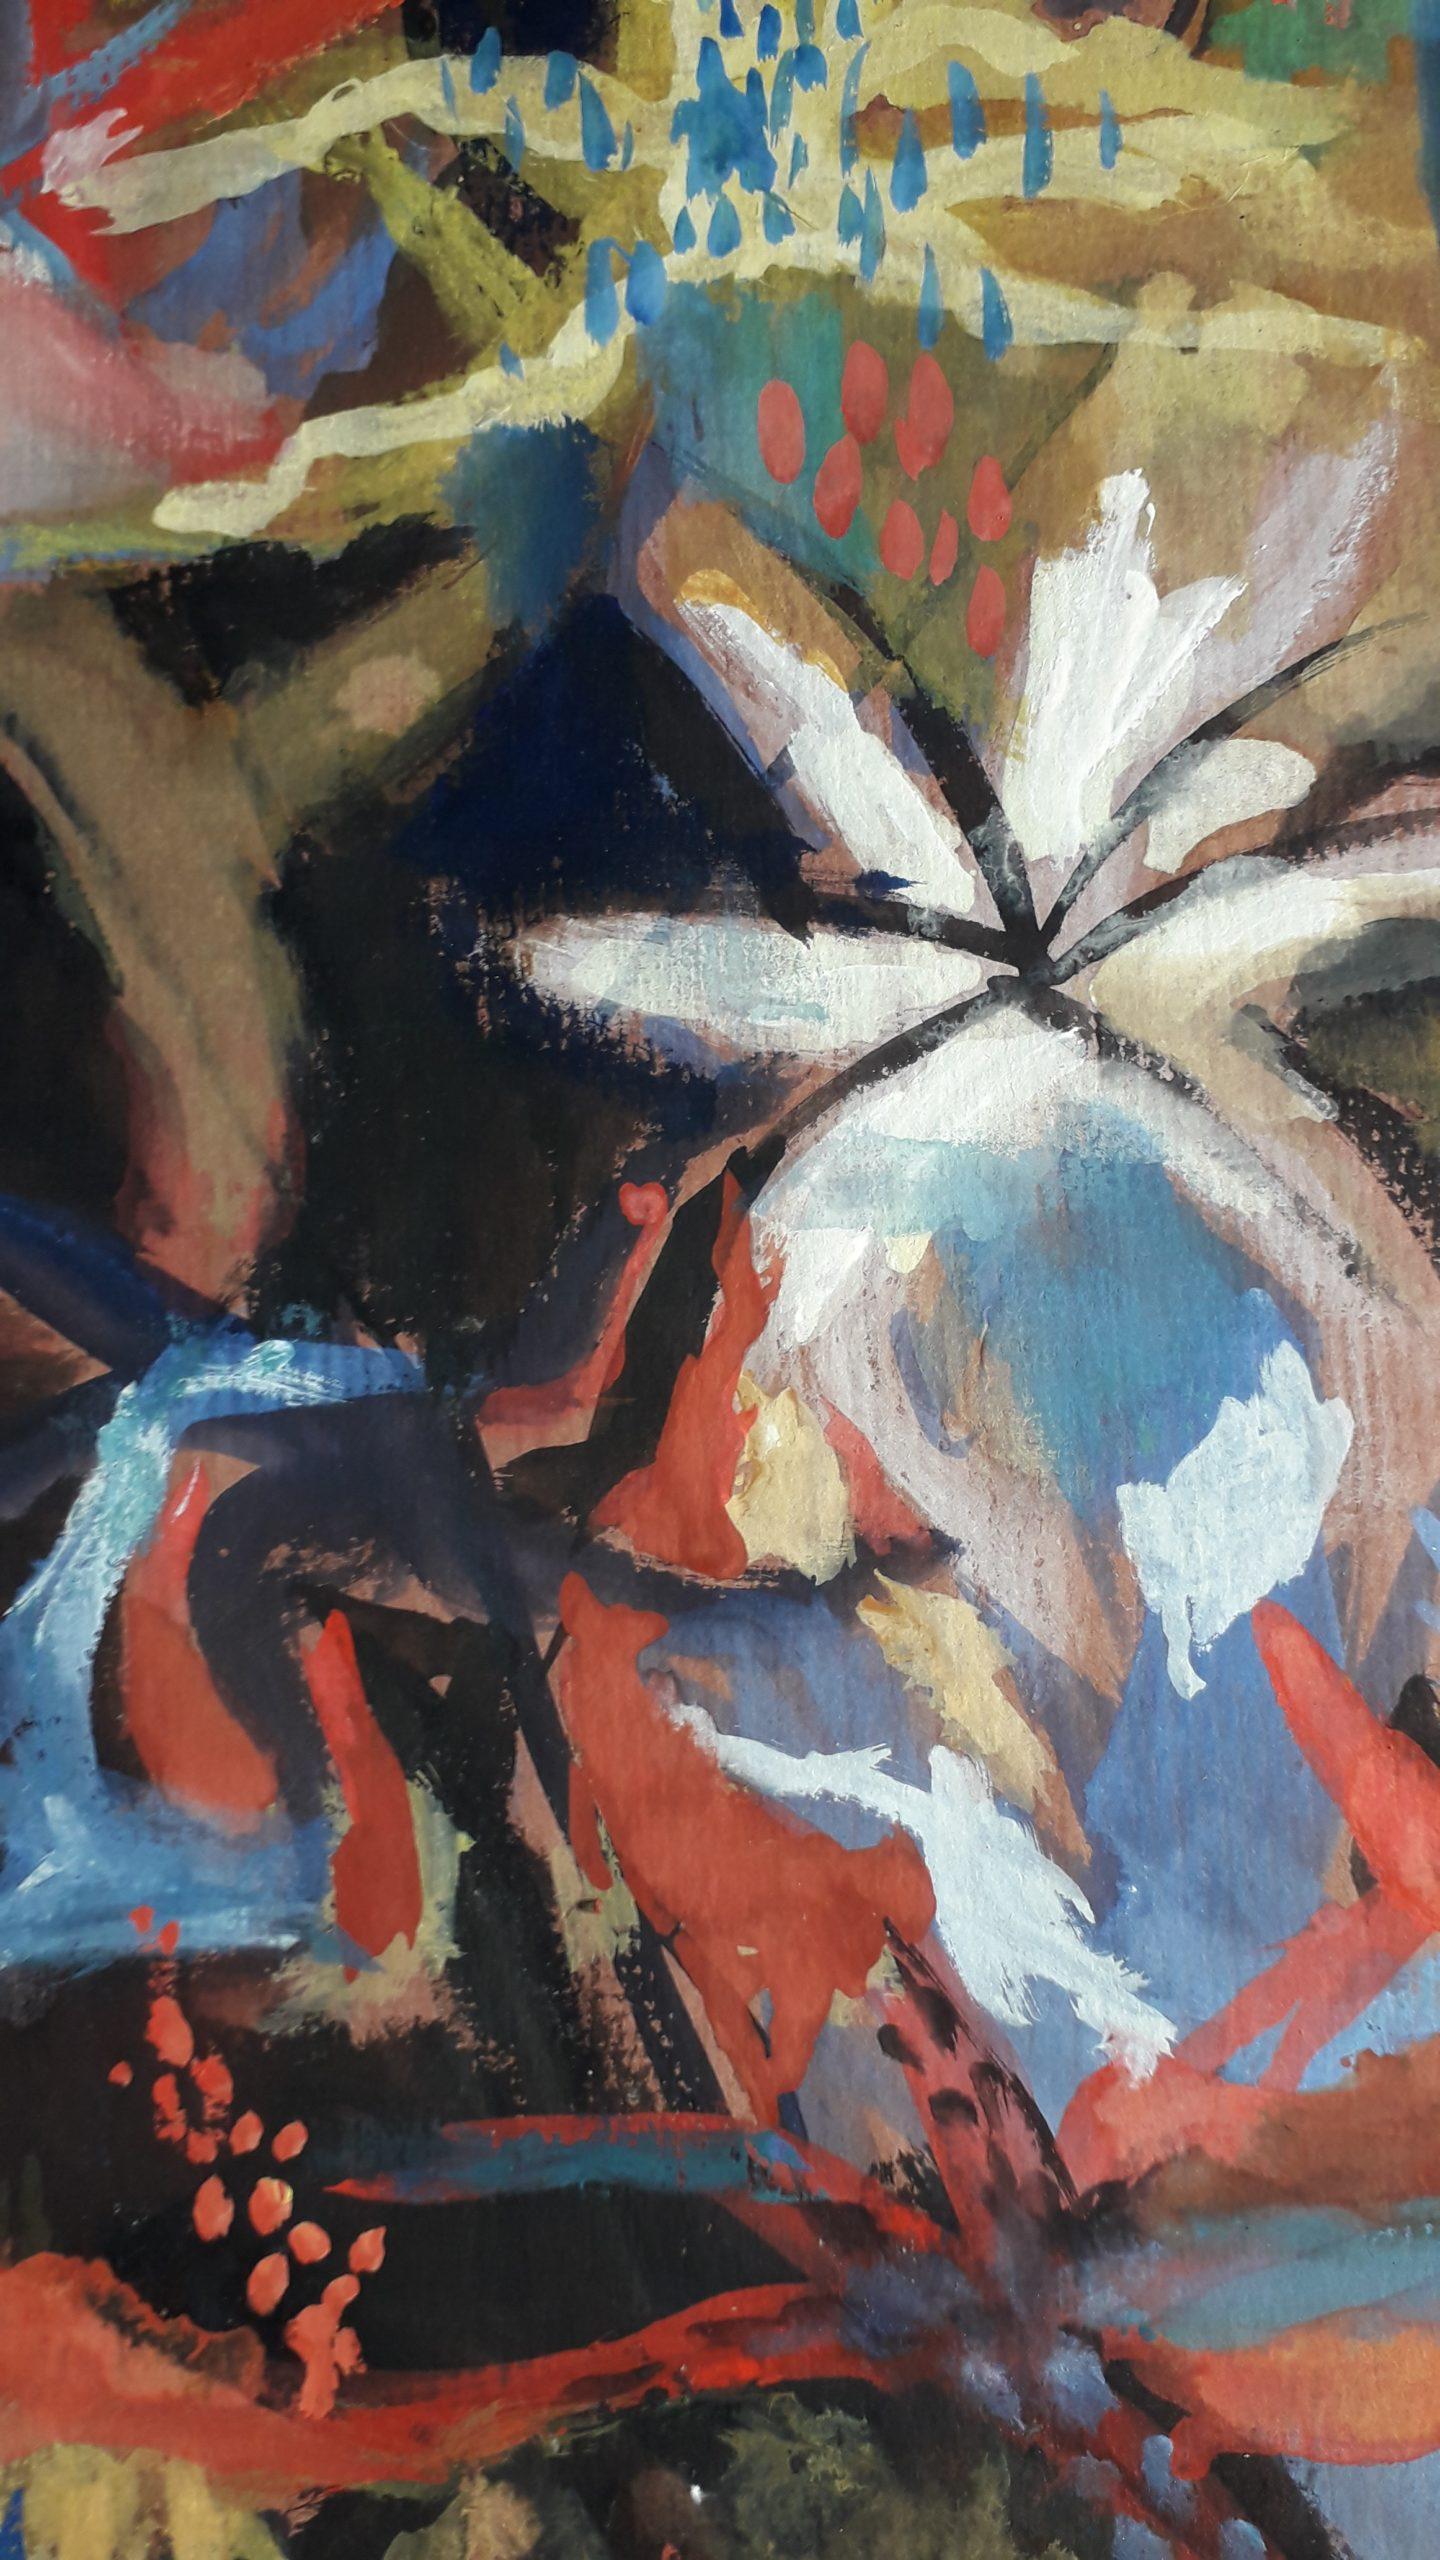 latil-yvonne-bouquet-de-lys-detail1